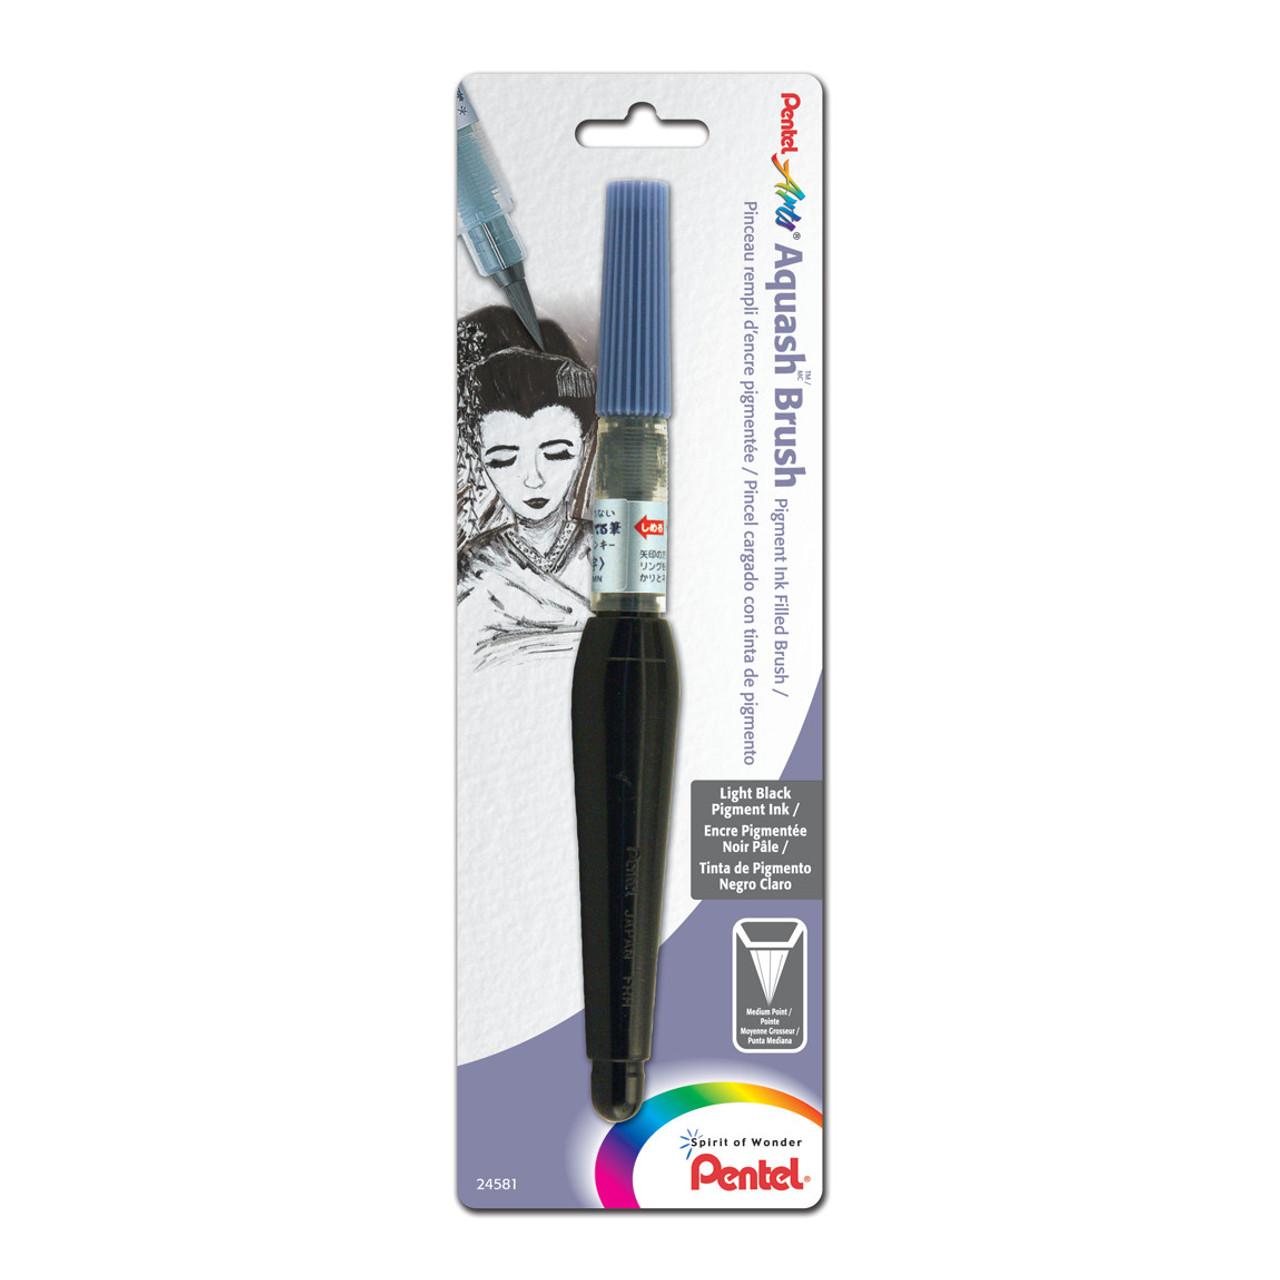 Pentel Aquash Brush with Pigmented Ink